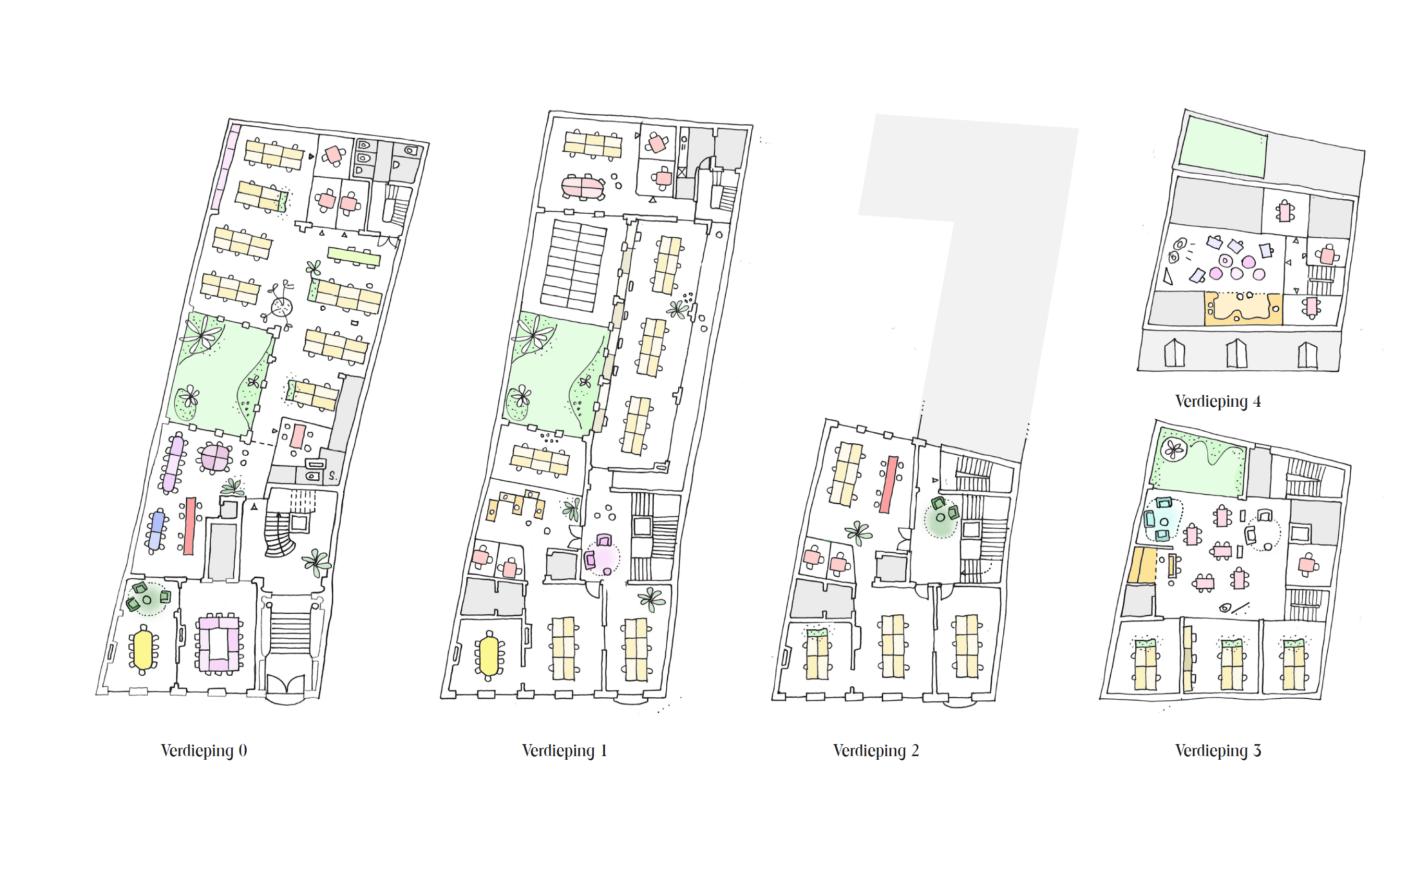 schets-verdiepingen-boardofinnovation.png